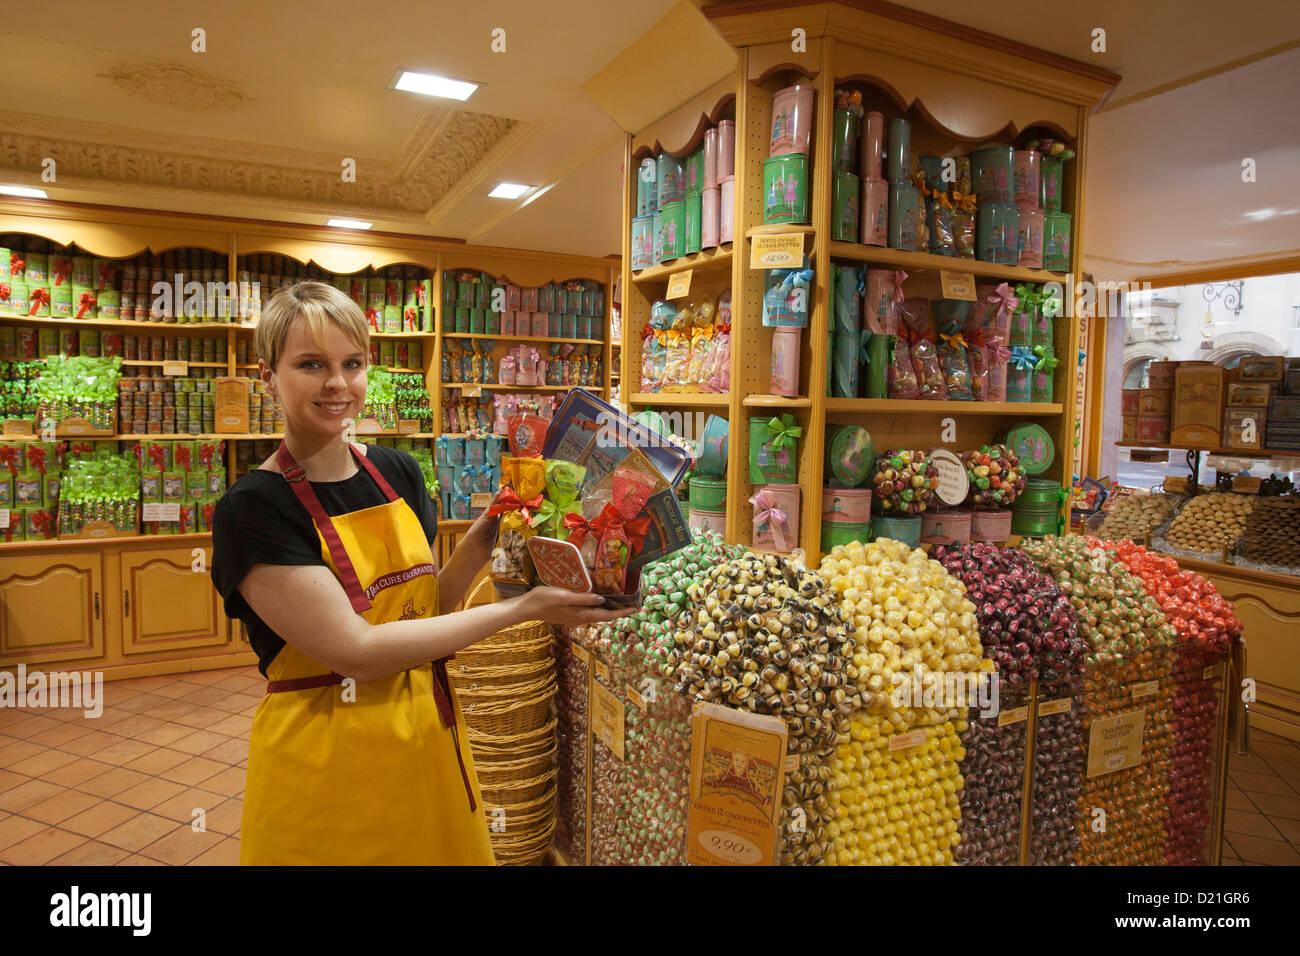 Verkäuferin mit Süßigkeiten zum Verkauf in La Cure Gourmande Biscuitier Sucrecuitier Candy Shop, Stockbild